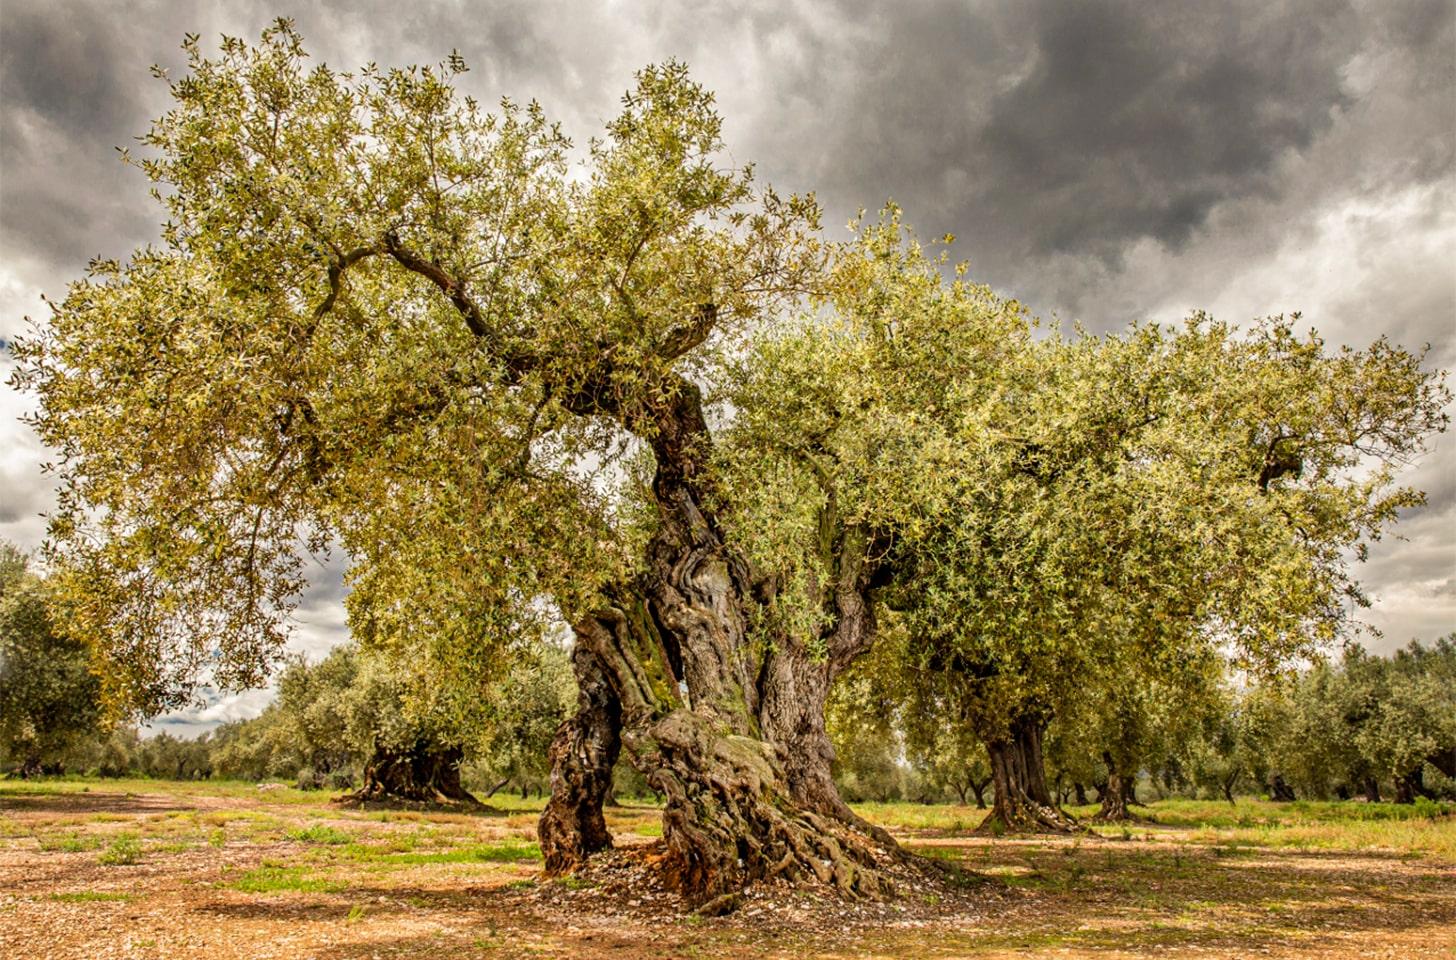 oliveres_08-min